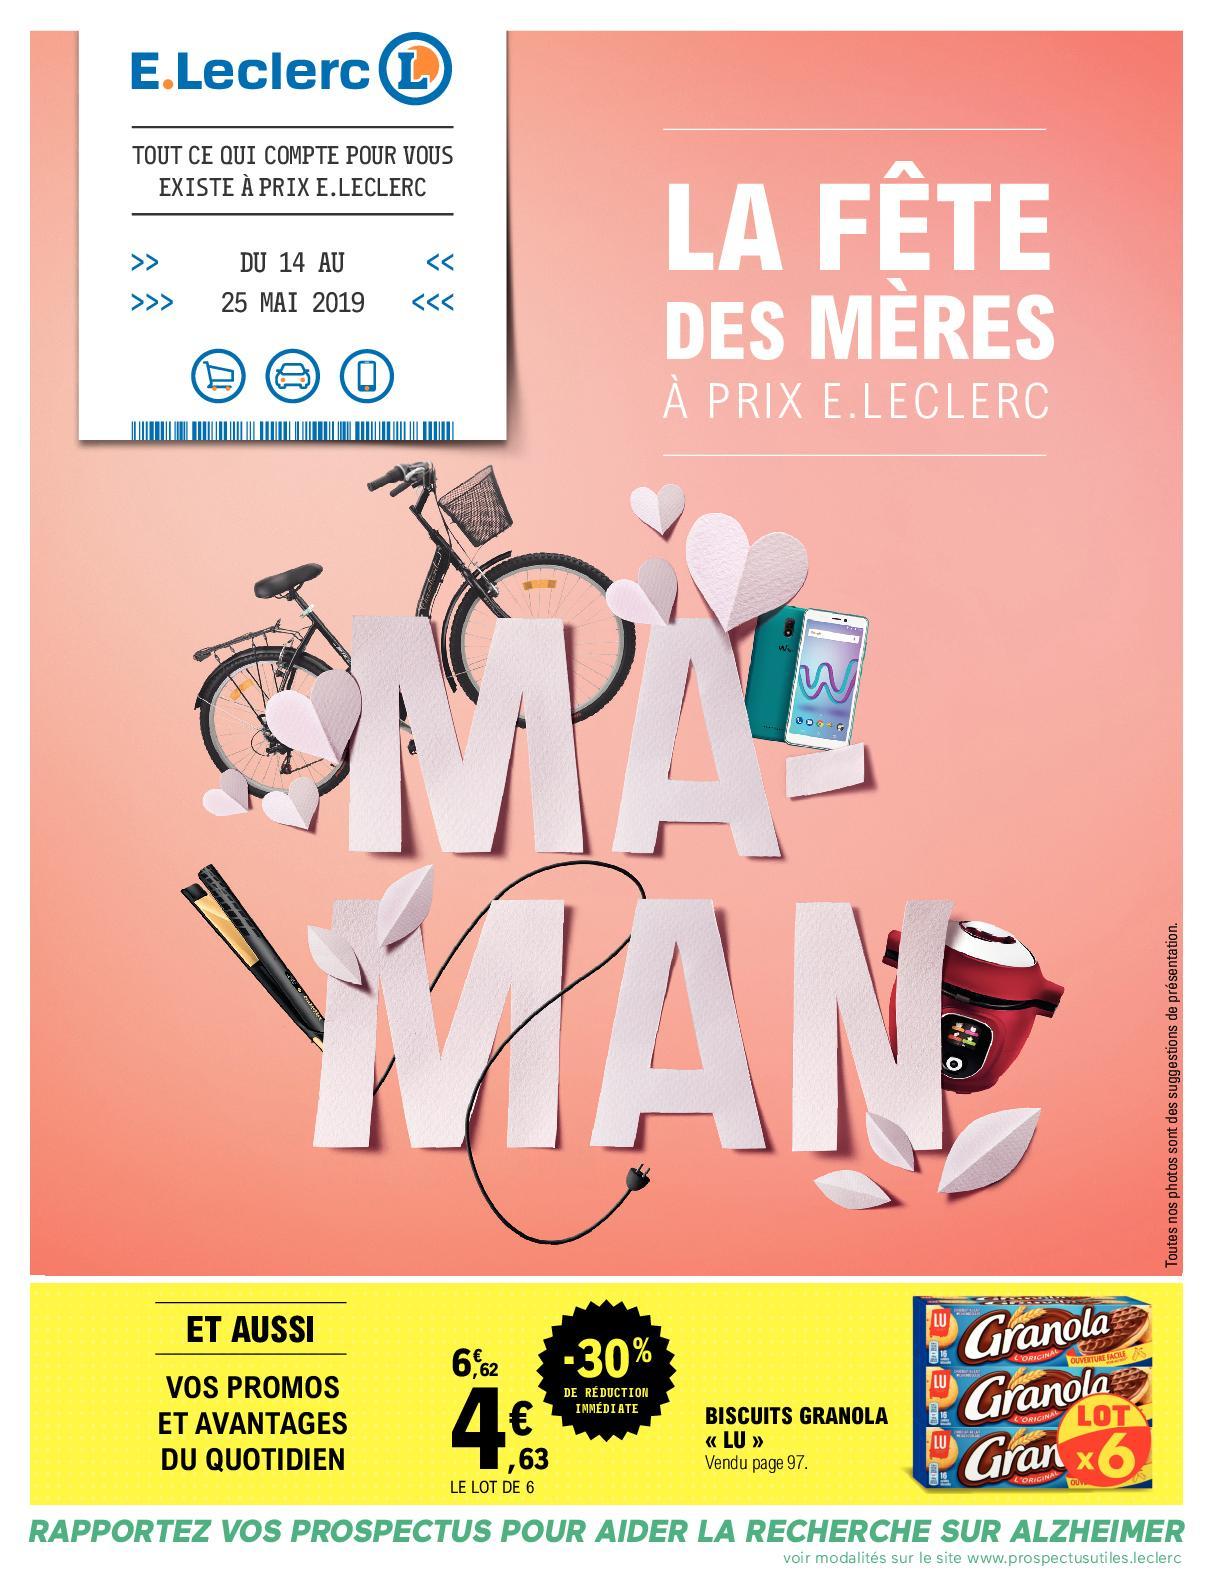 Calaméo - V3 - La Fête Des Mères À Prix E.leclerc destiné Leclerc Piscine Tubulaire